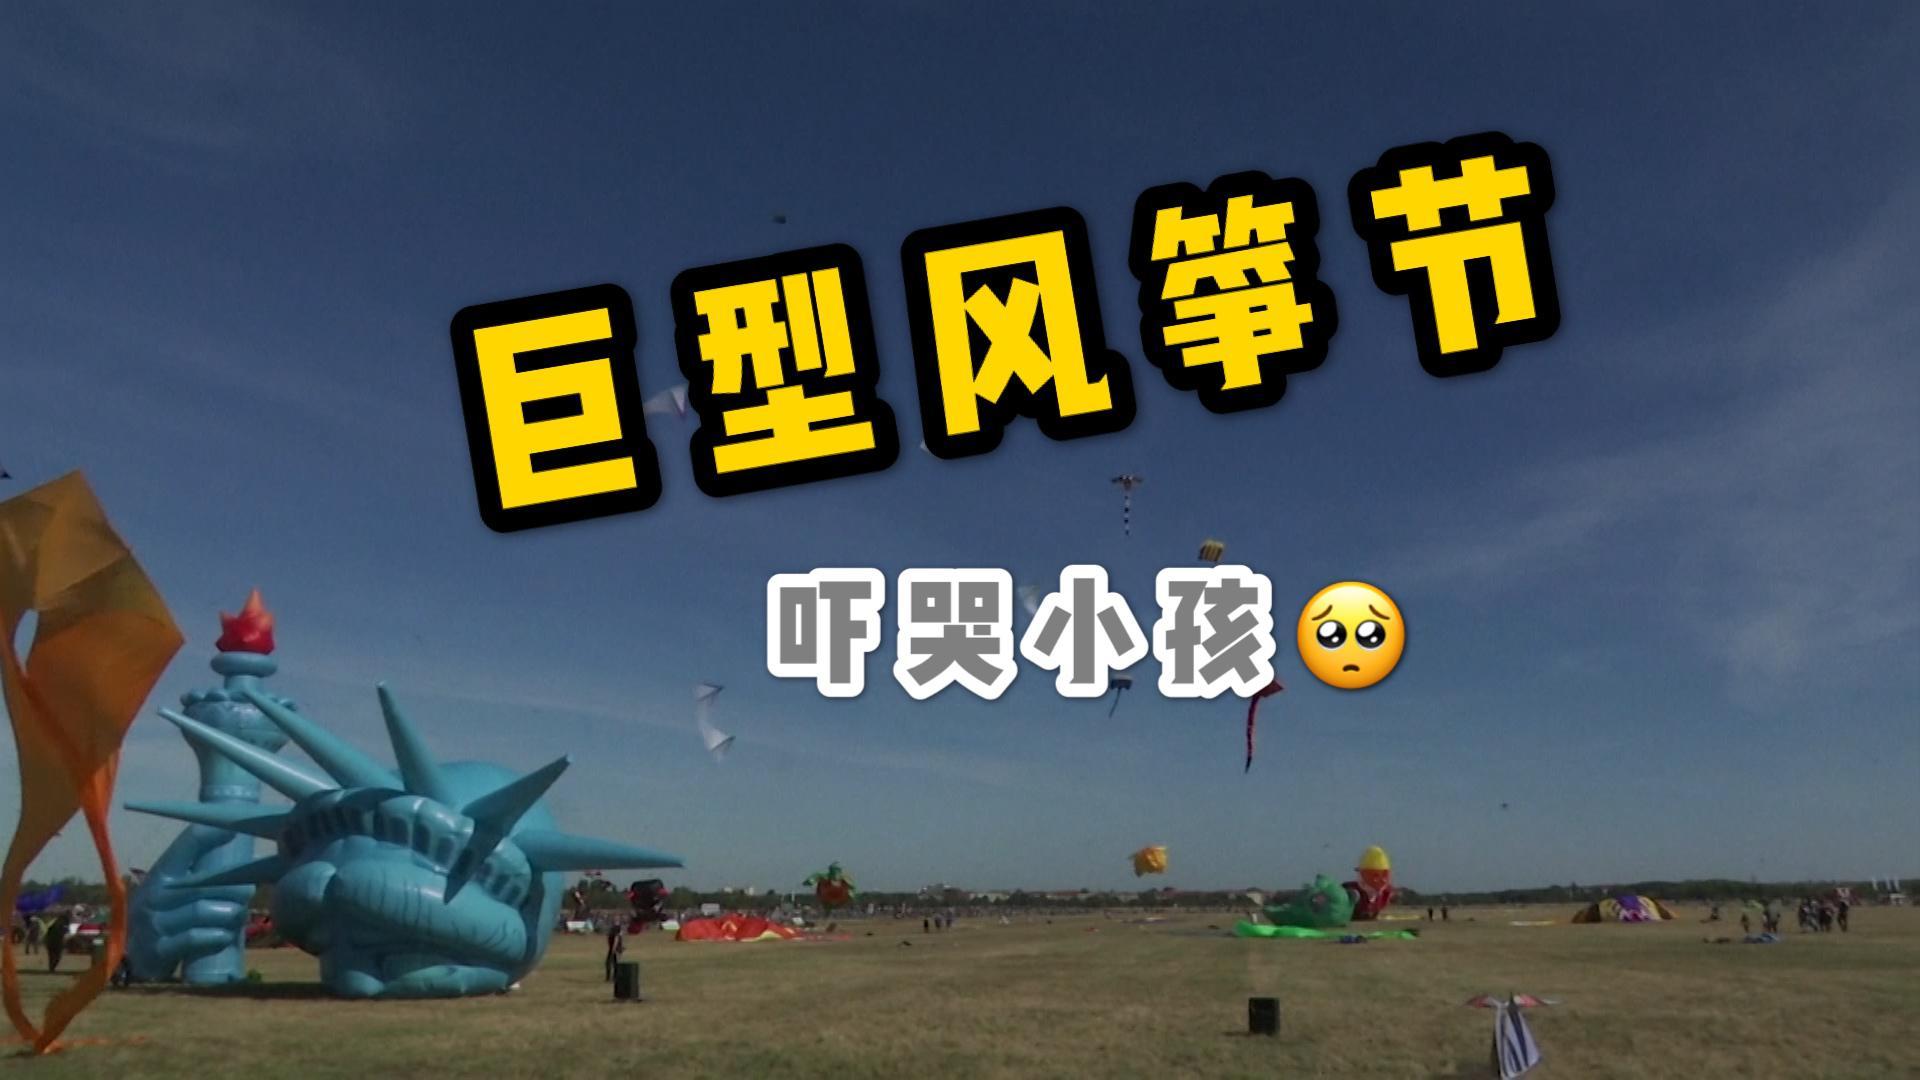 巨型风筝节!80只庞然大物天空在线斗法 小孩都吓哭了!